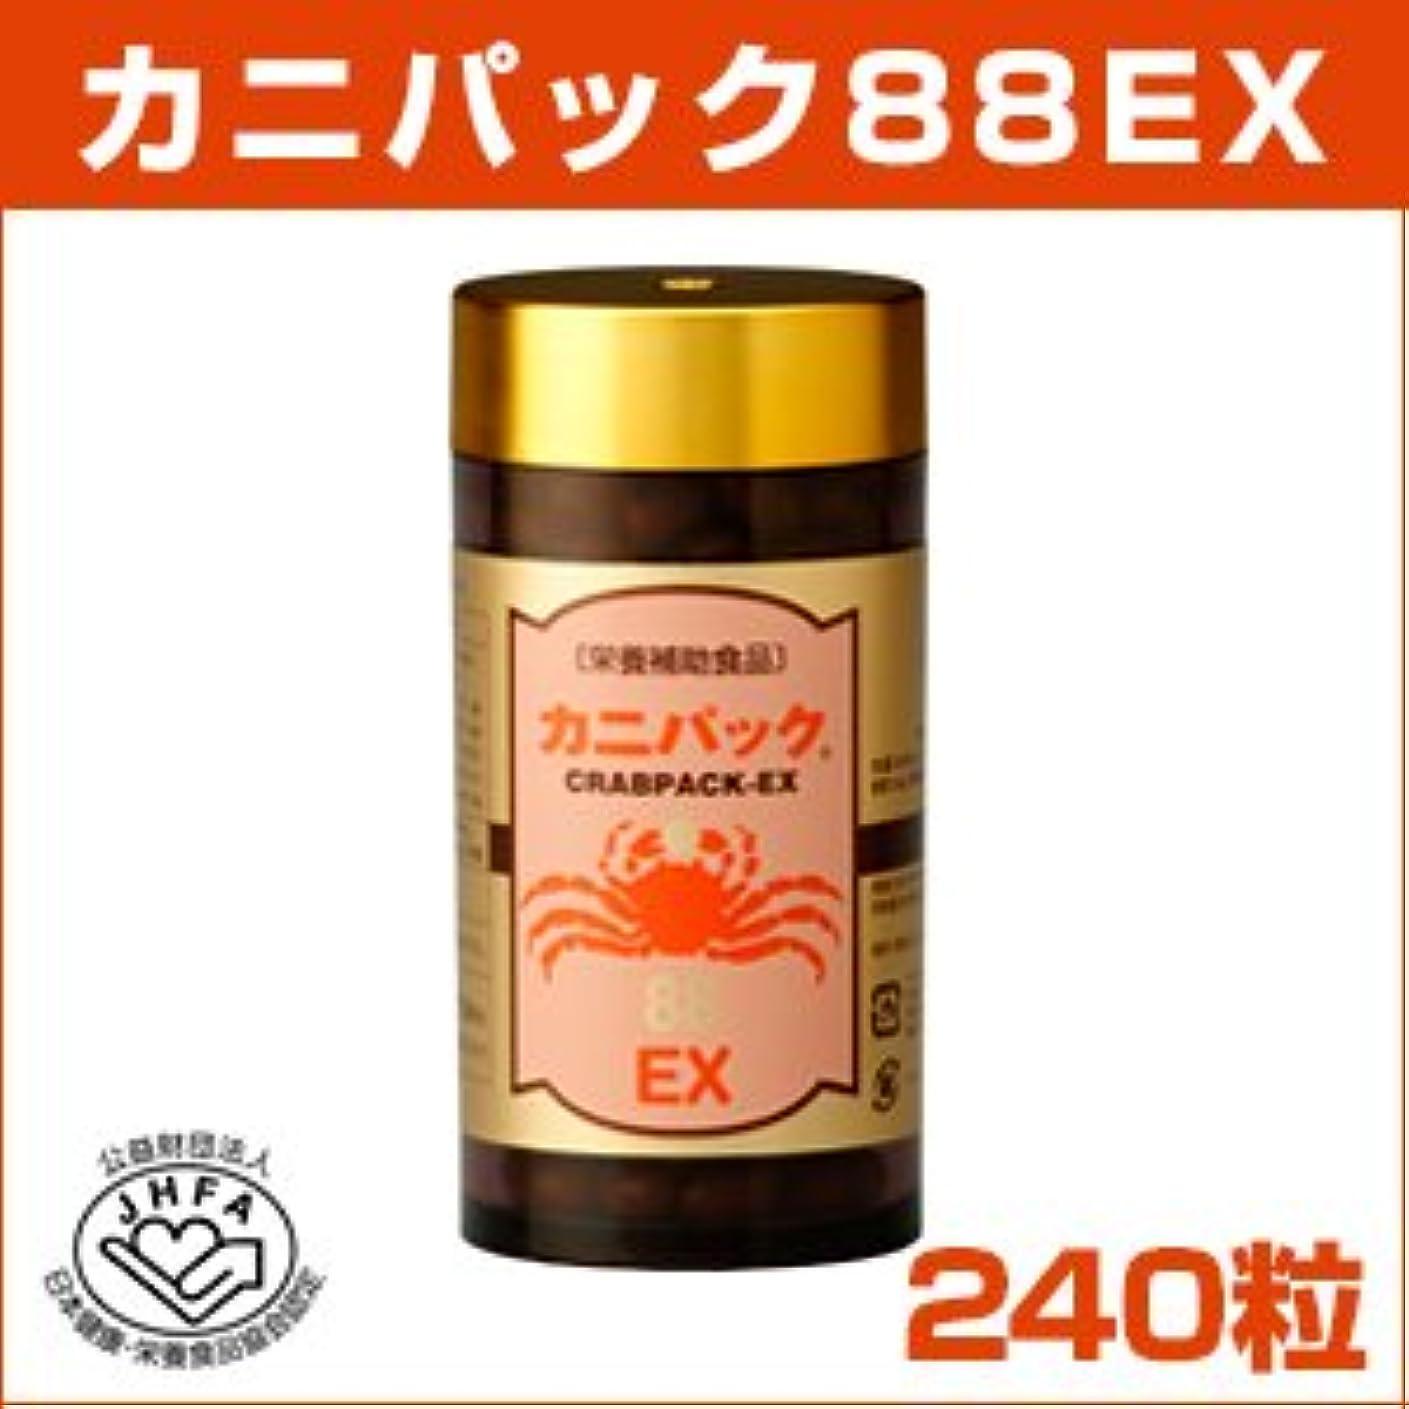 参照する形式格納カニパック88EX (240粒入)